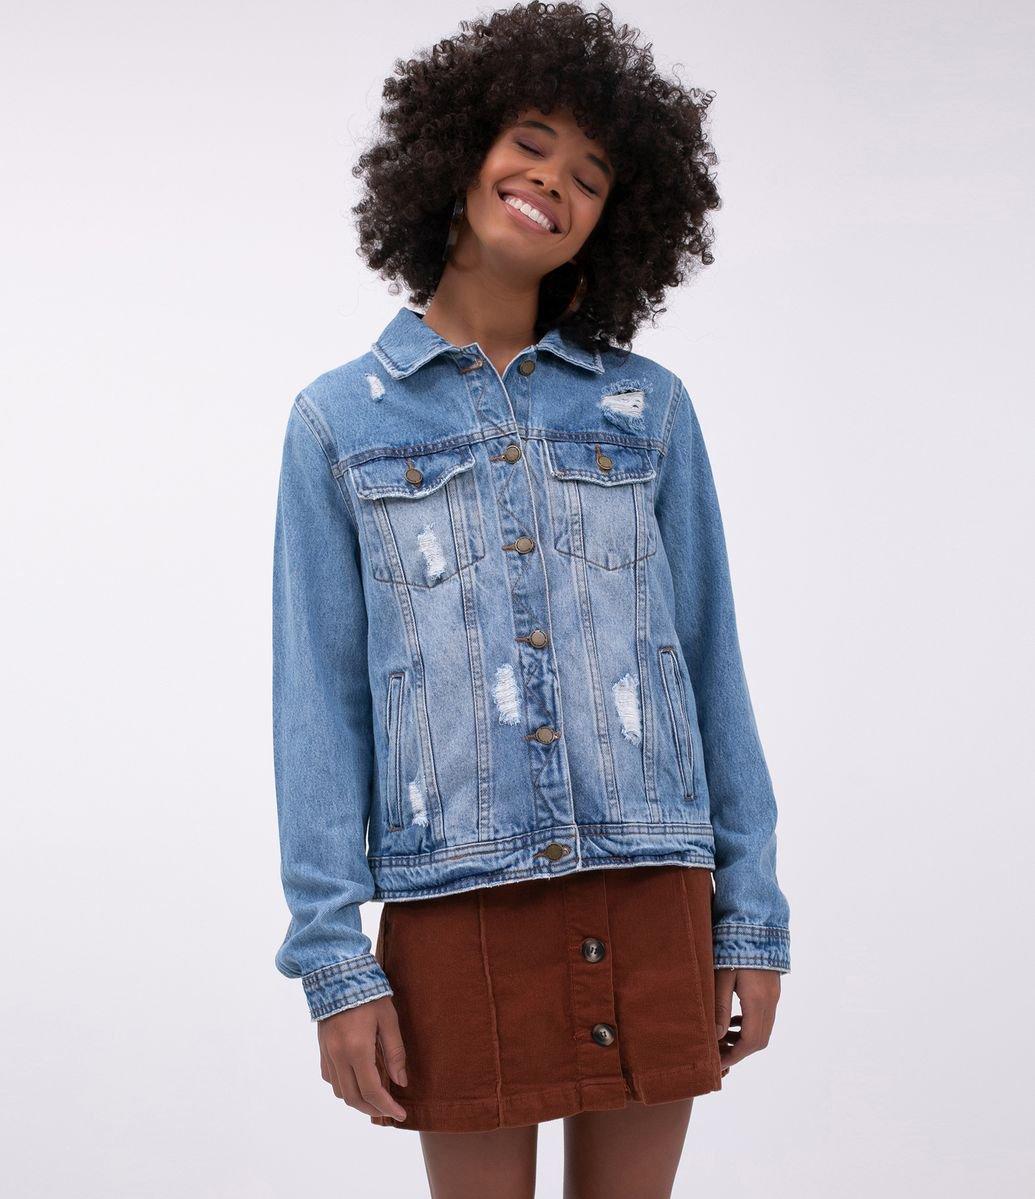 bb49493e181a9 Jaqueta Jeans com Puídos - Renner